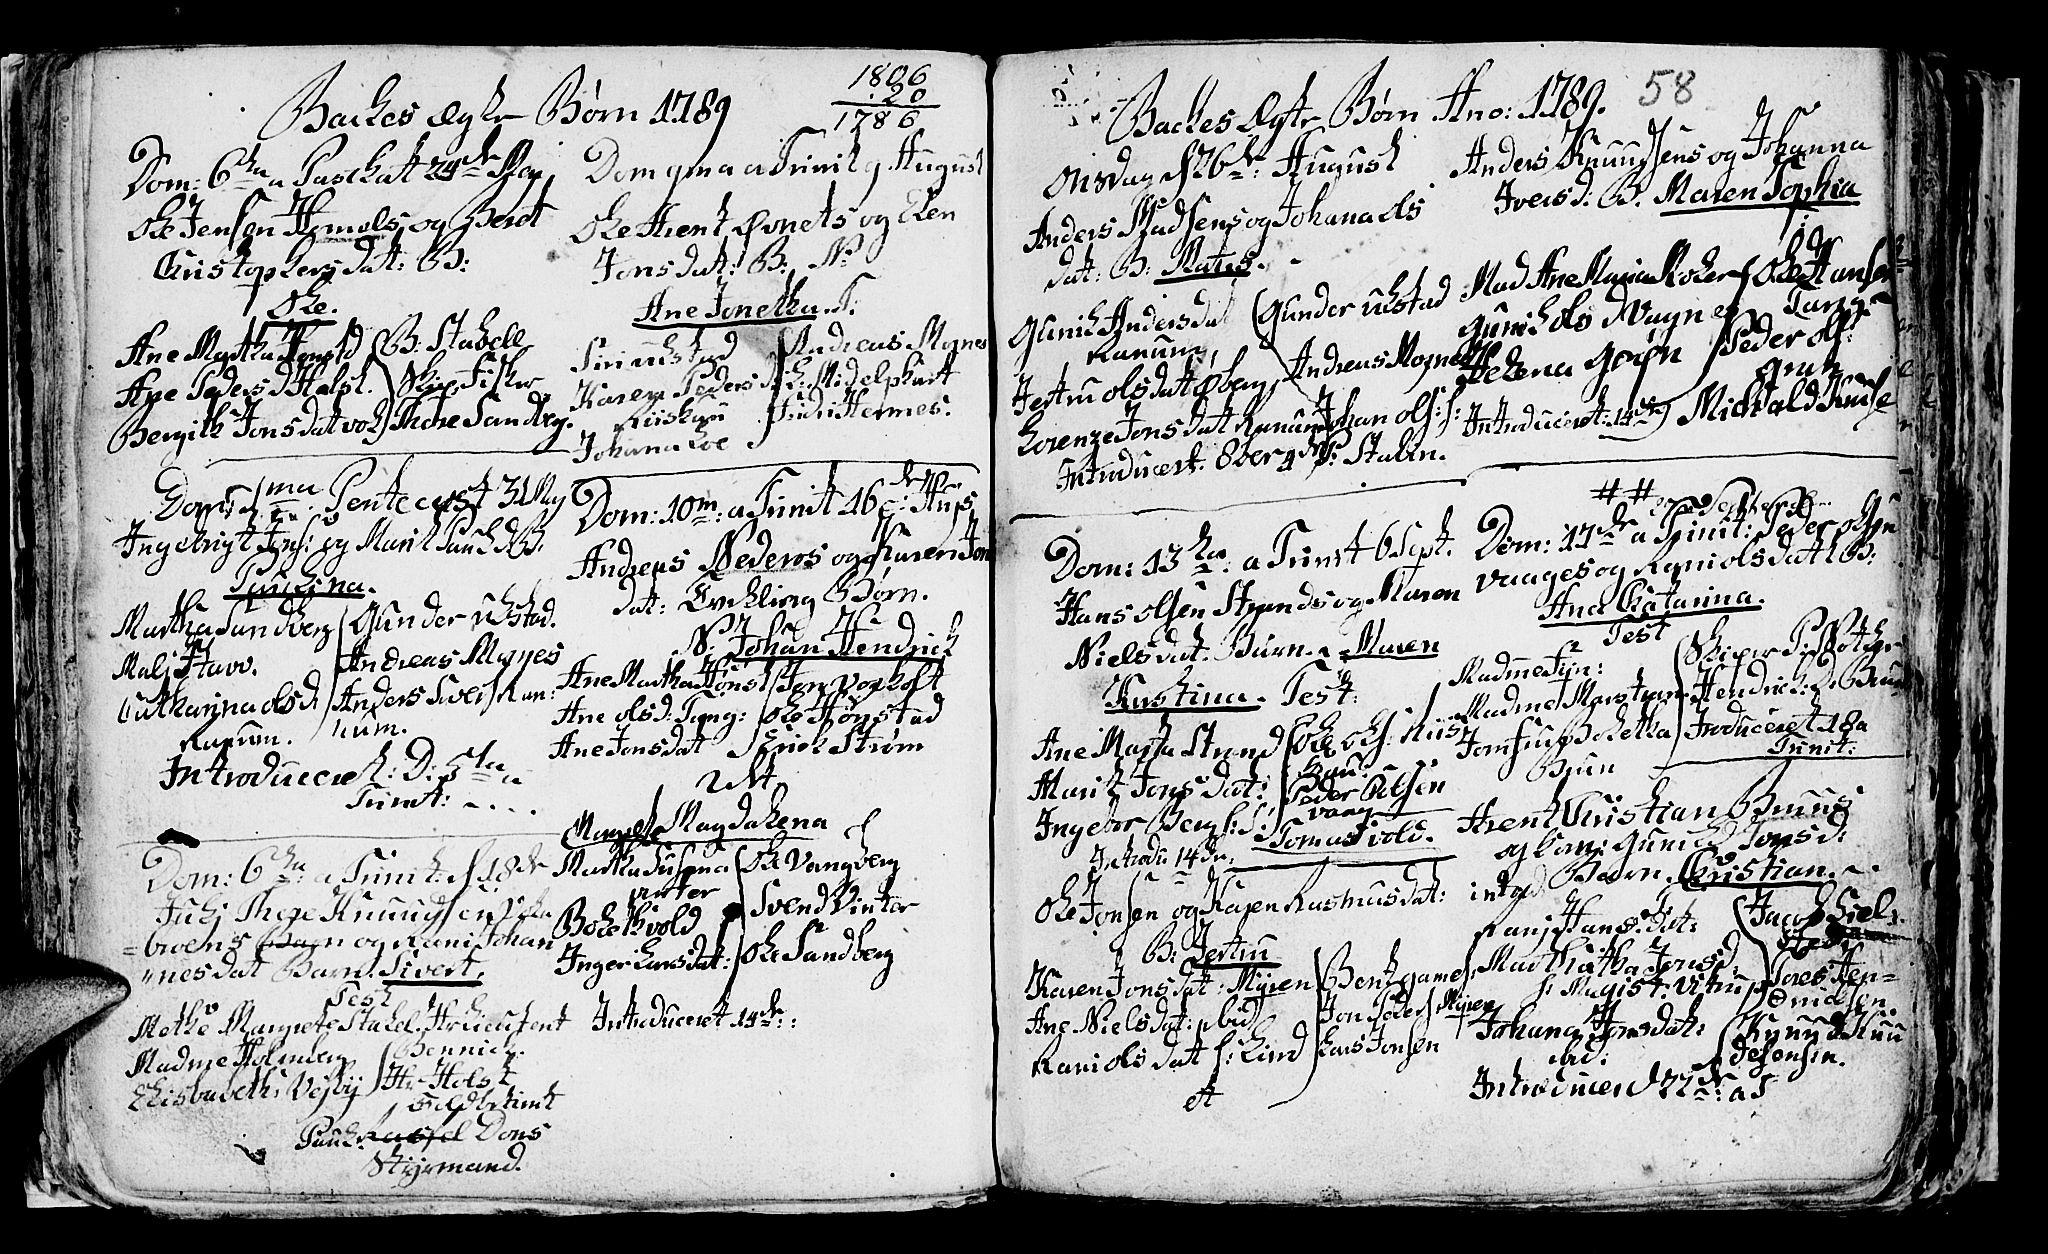 SAT, Ministerialprotokoller, klokkerbøker og fødselsregistre - Sør-Trøndelag, 604/L0218: Klokkerbok nr. 604C01, 1754-1819, s. 58